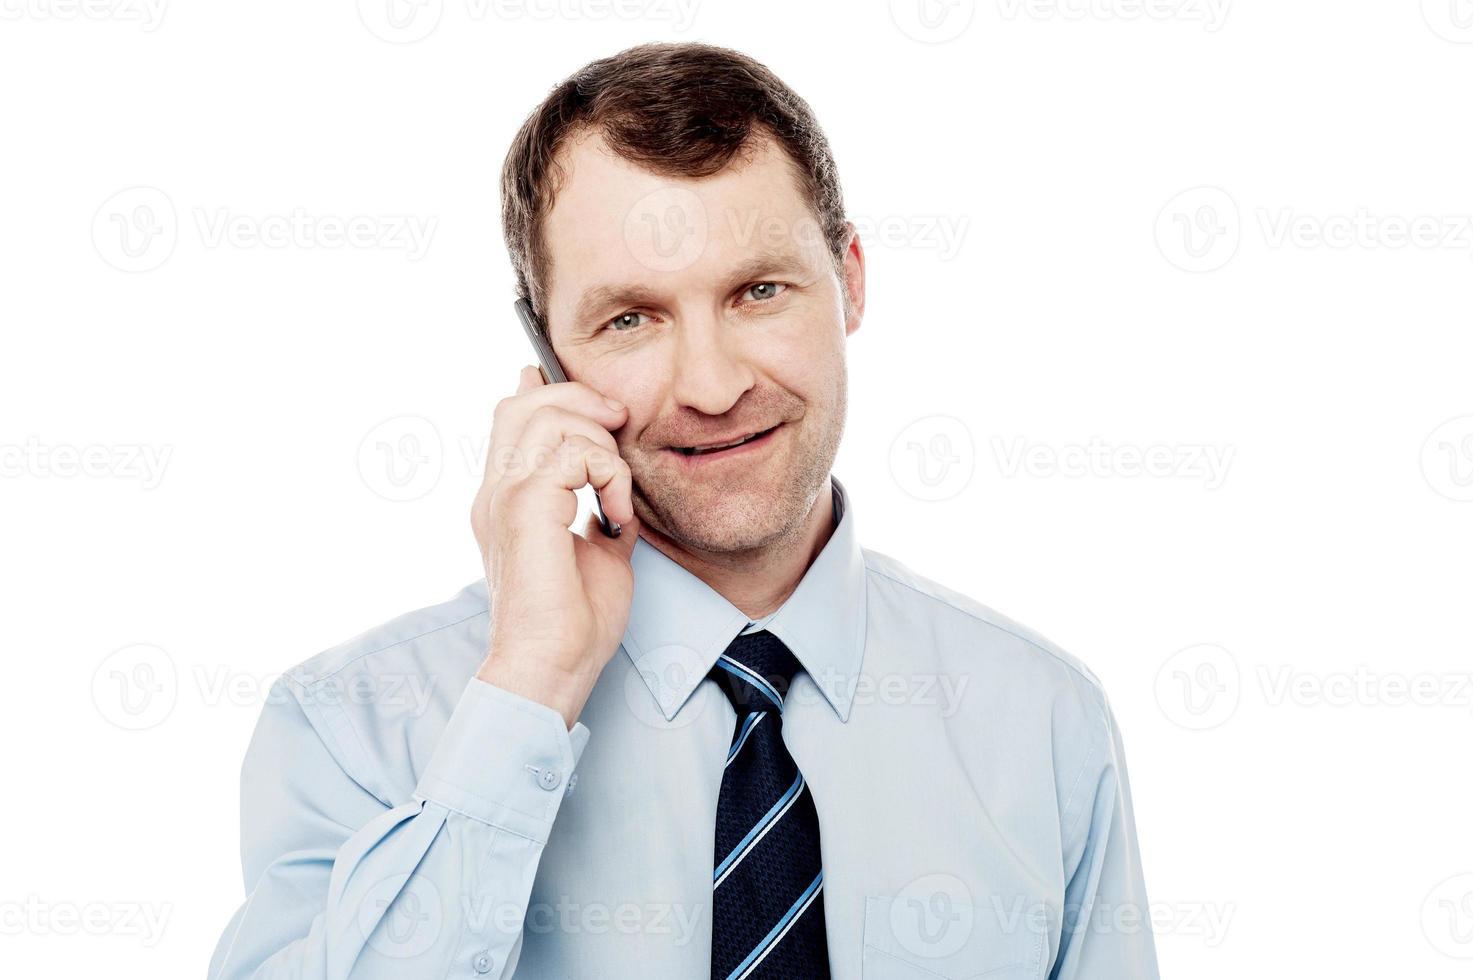 executivo masculino usando é telefone celular foto